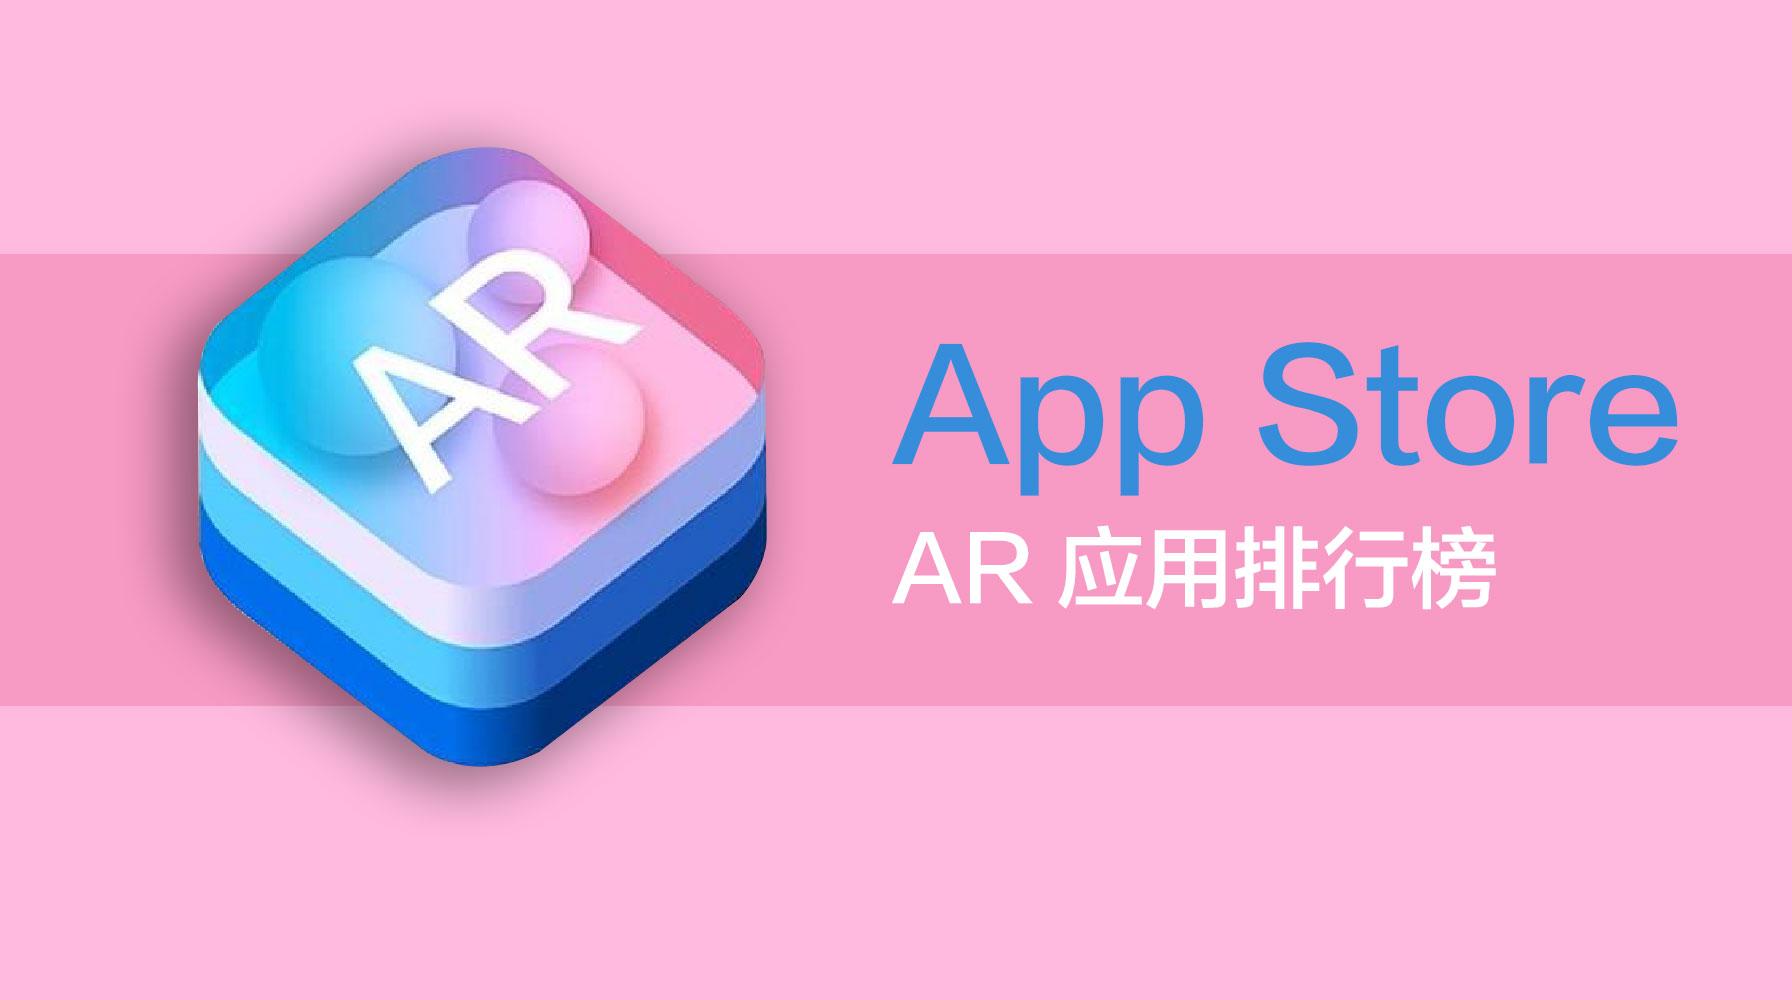 本周iOS AR应用排行榜:圣诞节AR玩法火爆,家装应用持续升温